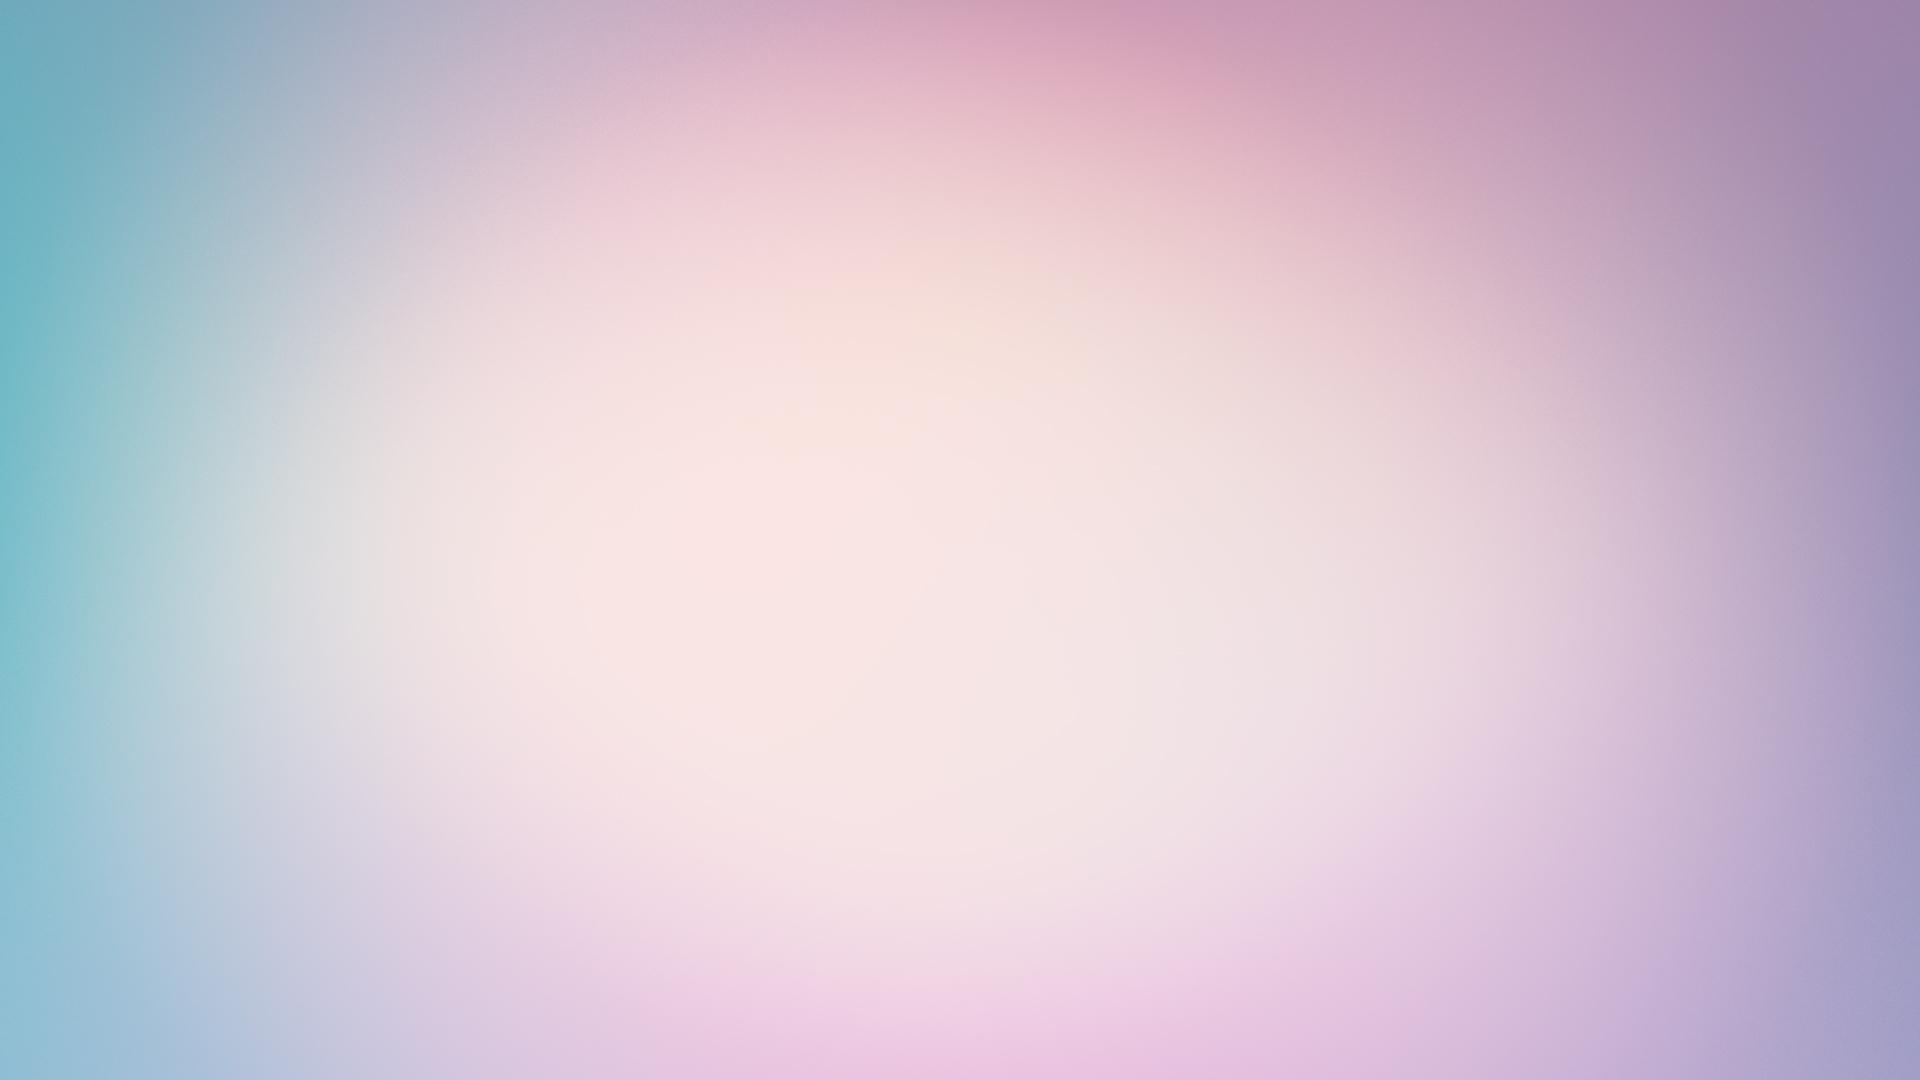 hd wallpapers light pink pattern soft wallpaper desktop 1920x1080 1920x1080